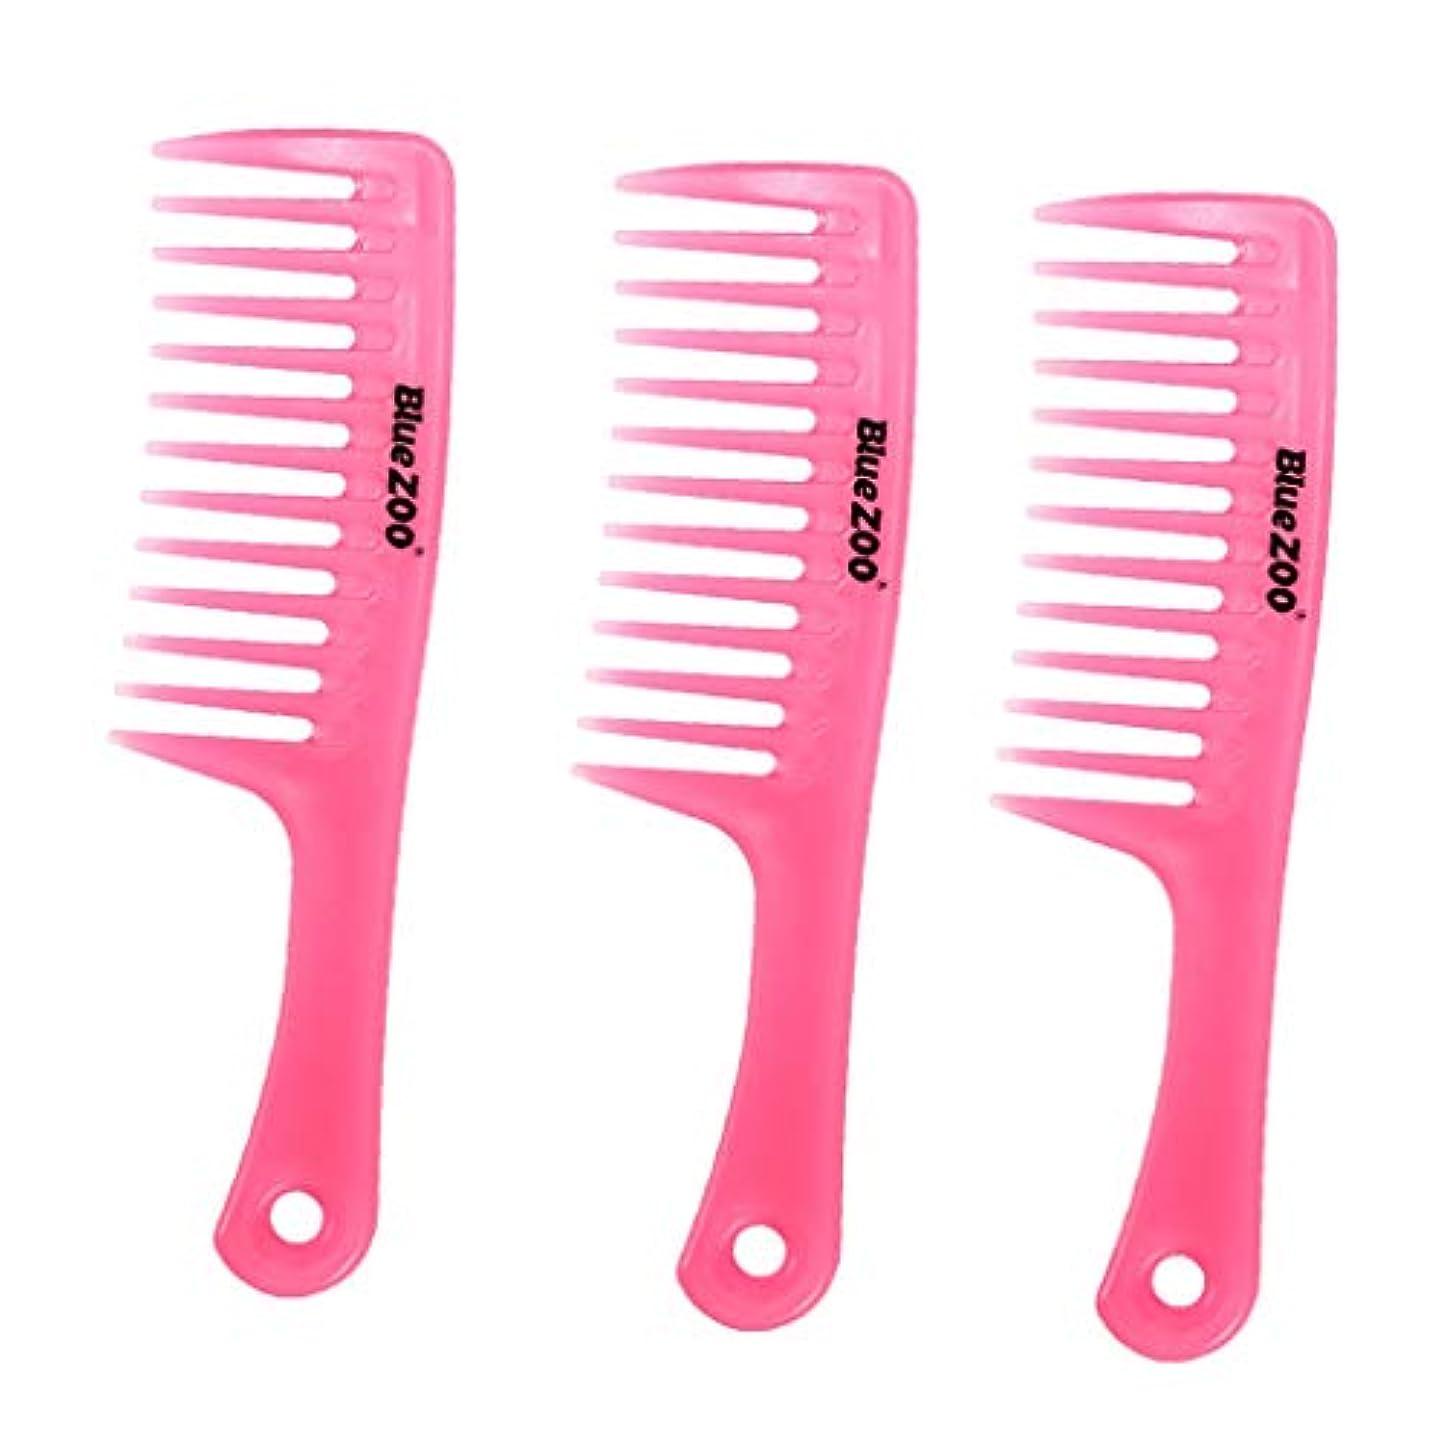 敵対的腐食する支配的艶髪ブラシ つげ櫛 ヘアブラシ 静電防止コーム ヘアコーム 頭皮マッサージ メンズ レディース用 3個 全4色 - ピンク